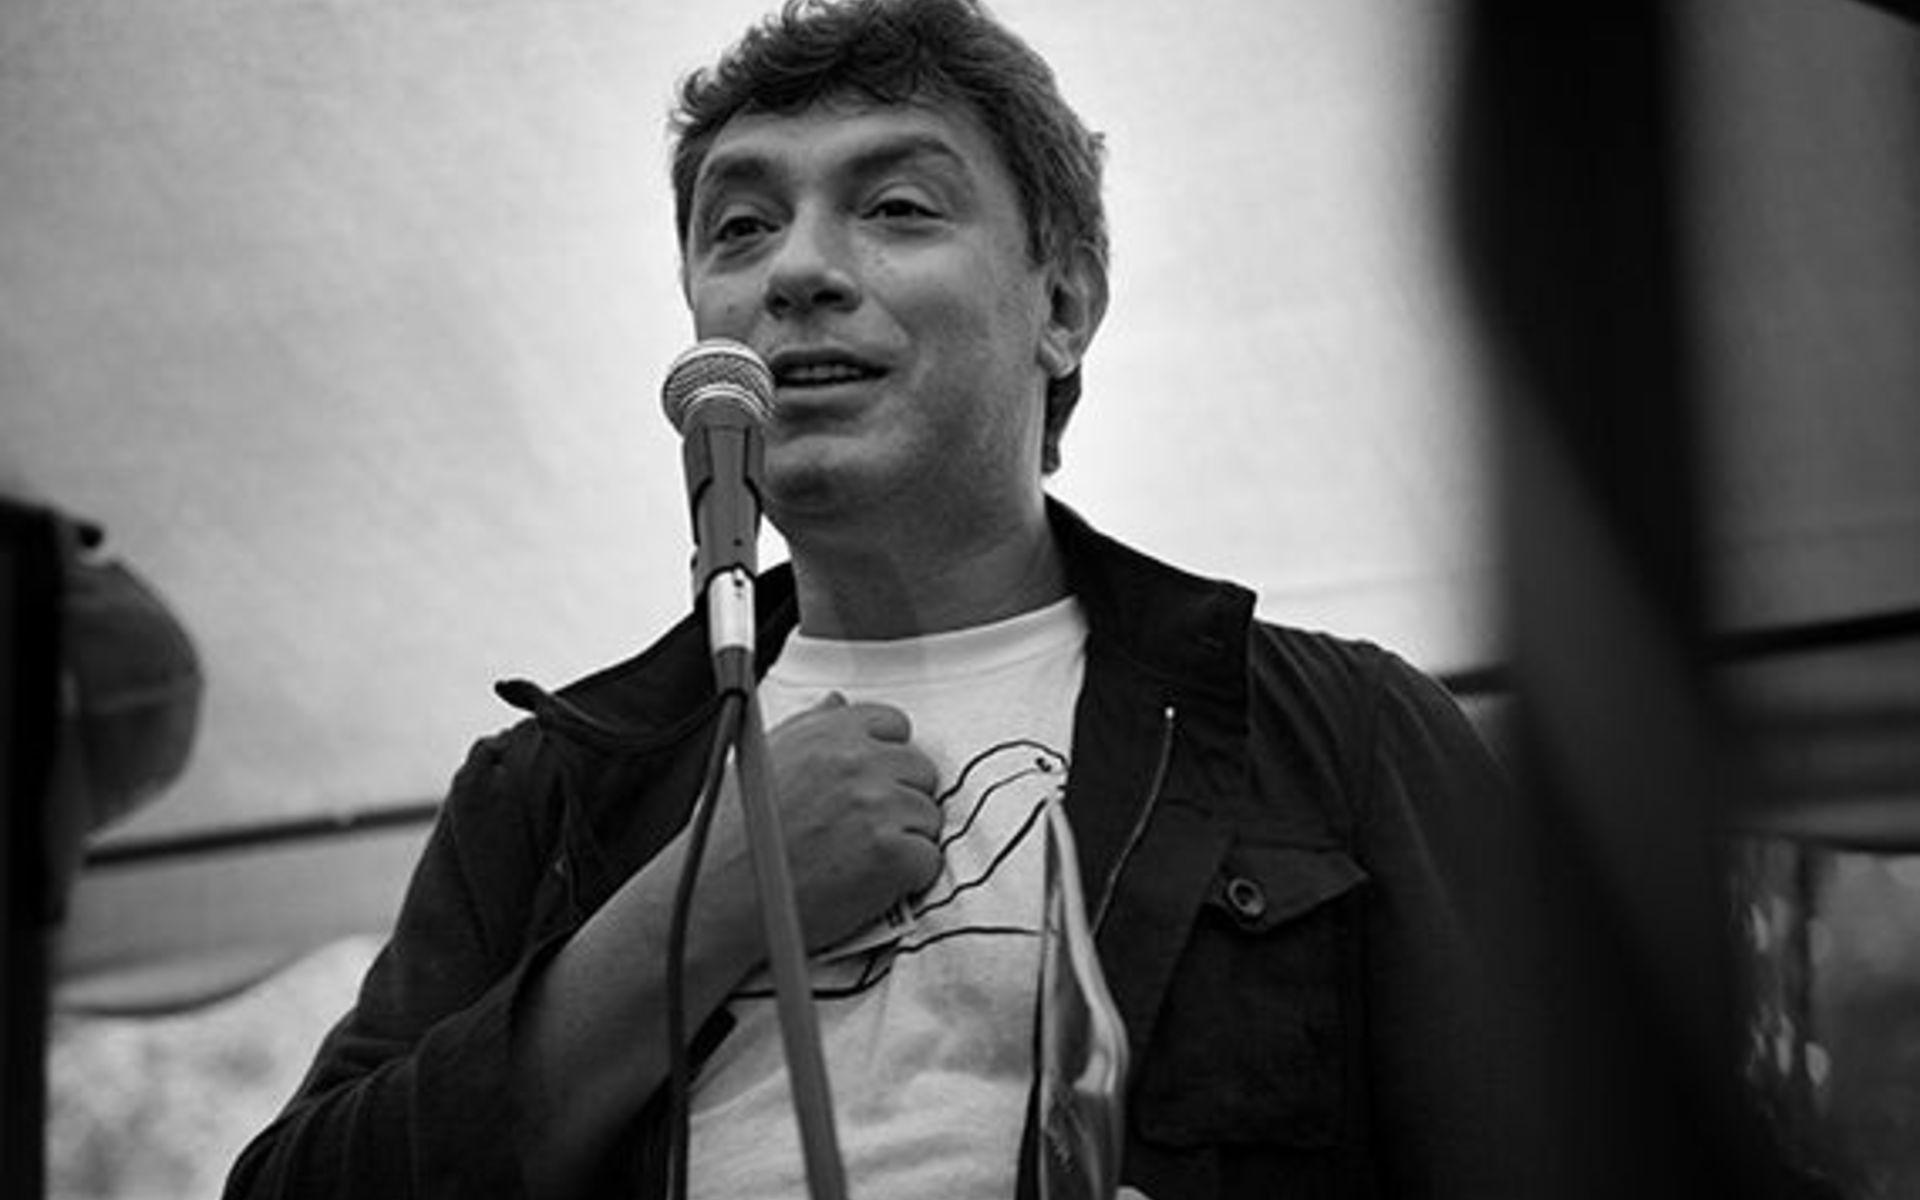 фото ЗакС политика В Праге разгорается конфликт из-за идеи присвоить площади у посольства РФ имя Немцова